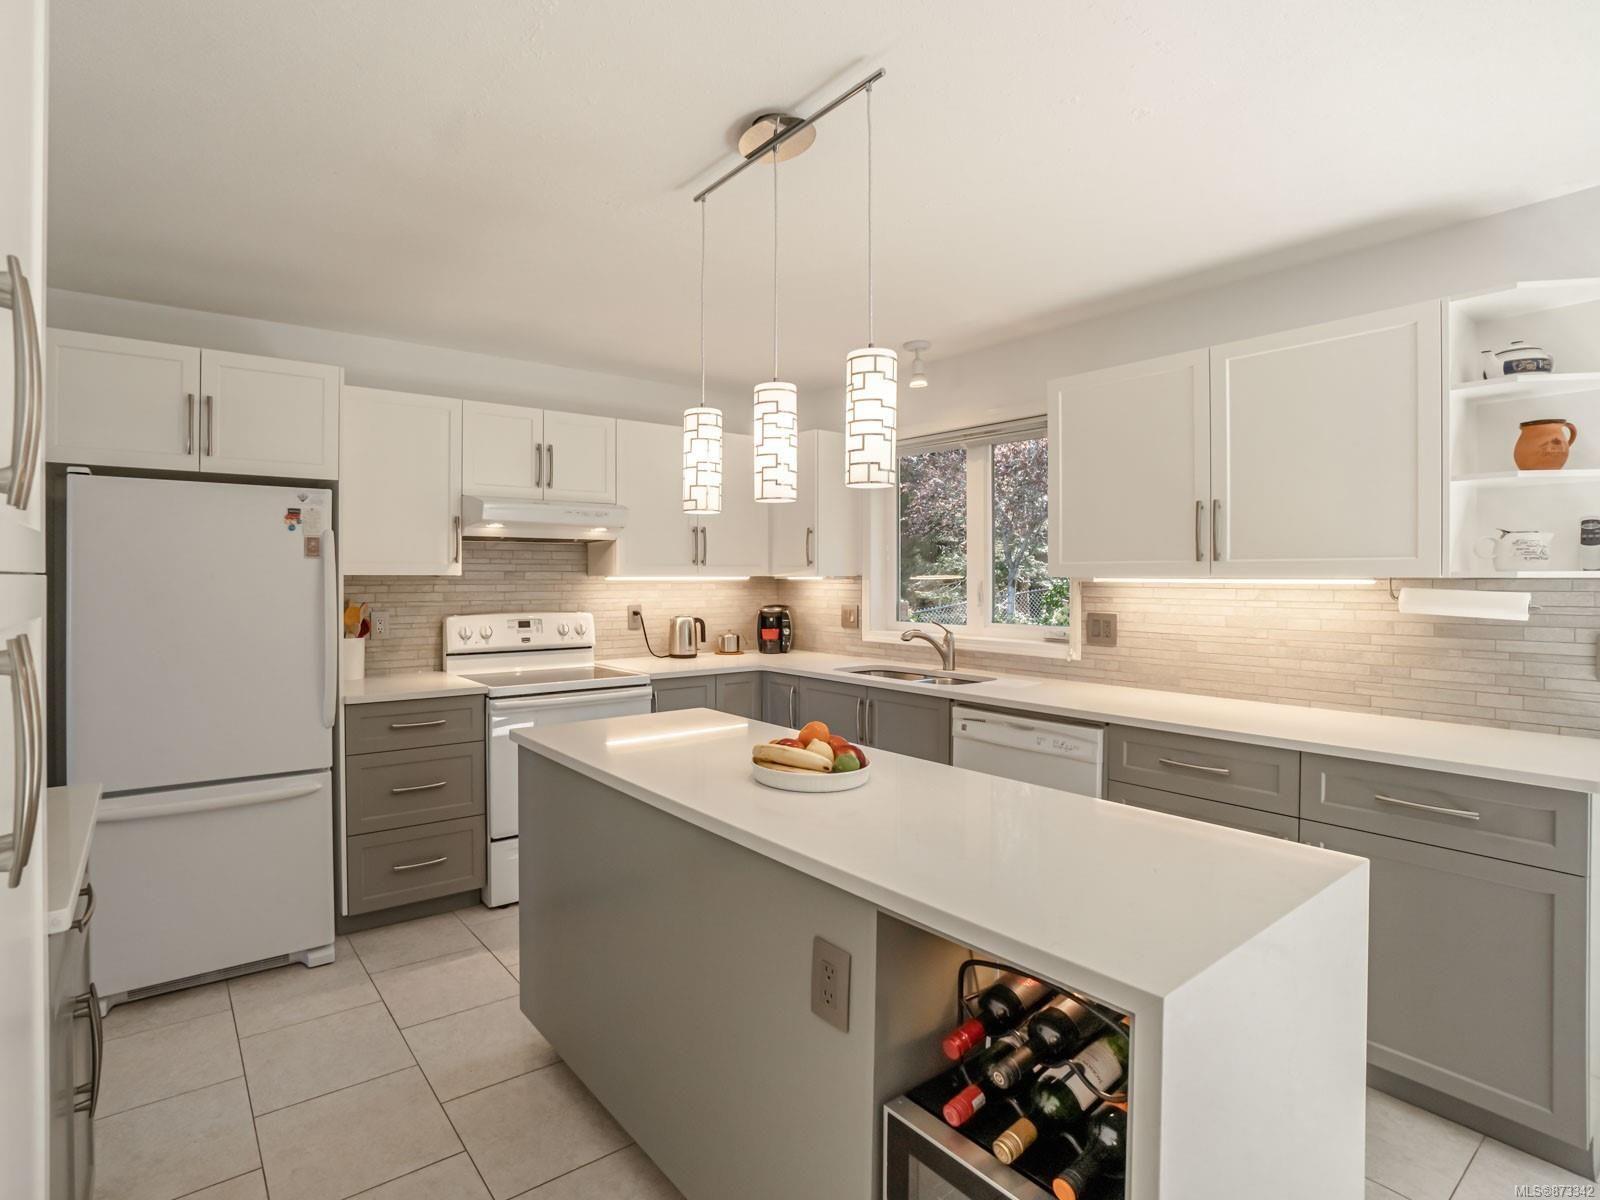 Photo 37: Photos: 5294 Catalina Dr in : Na North Nanaimo House for sale (Nanaimo)  : MLS®# 873342